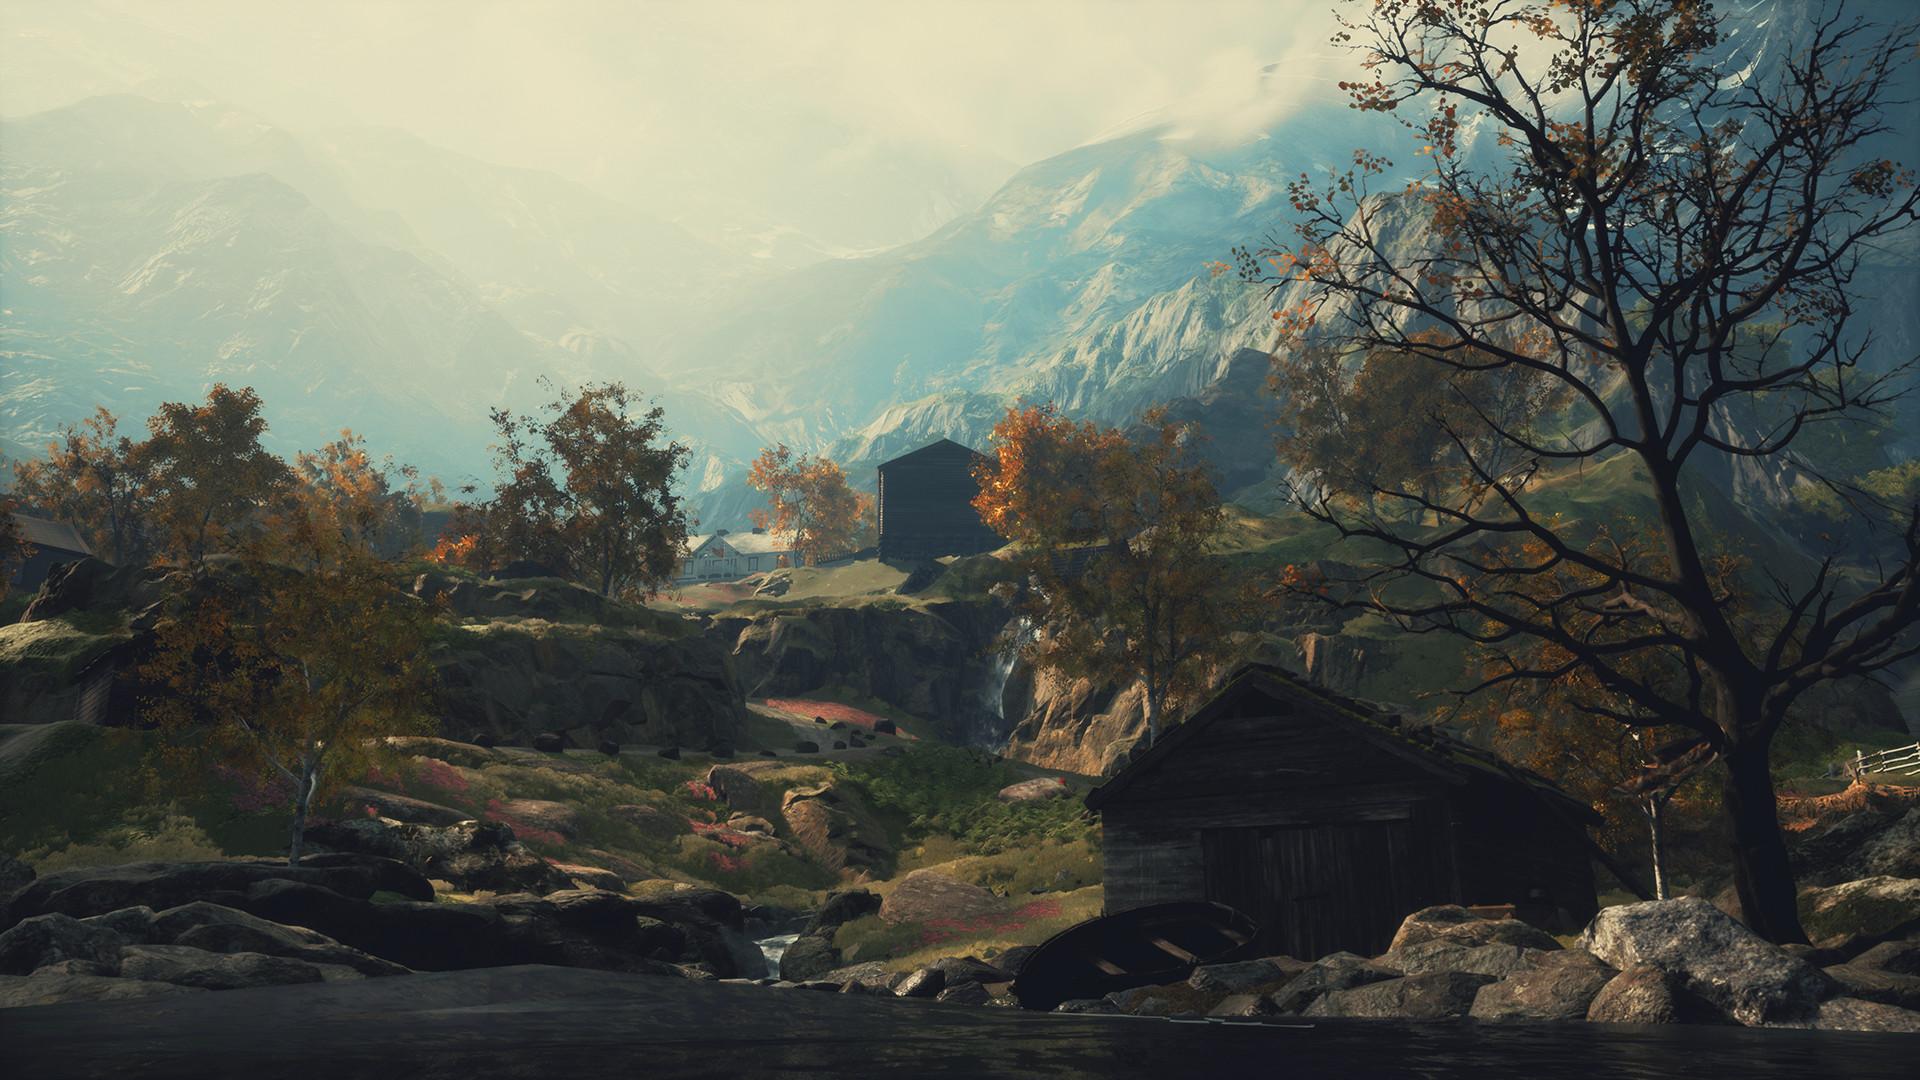 Draugen Screenshot 2